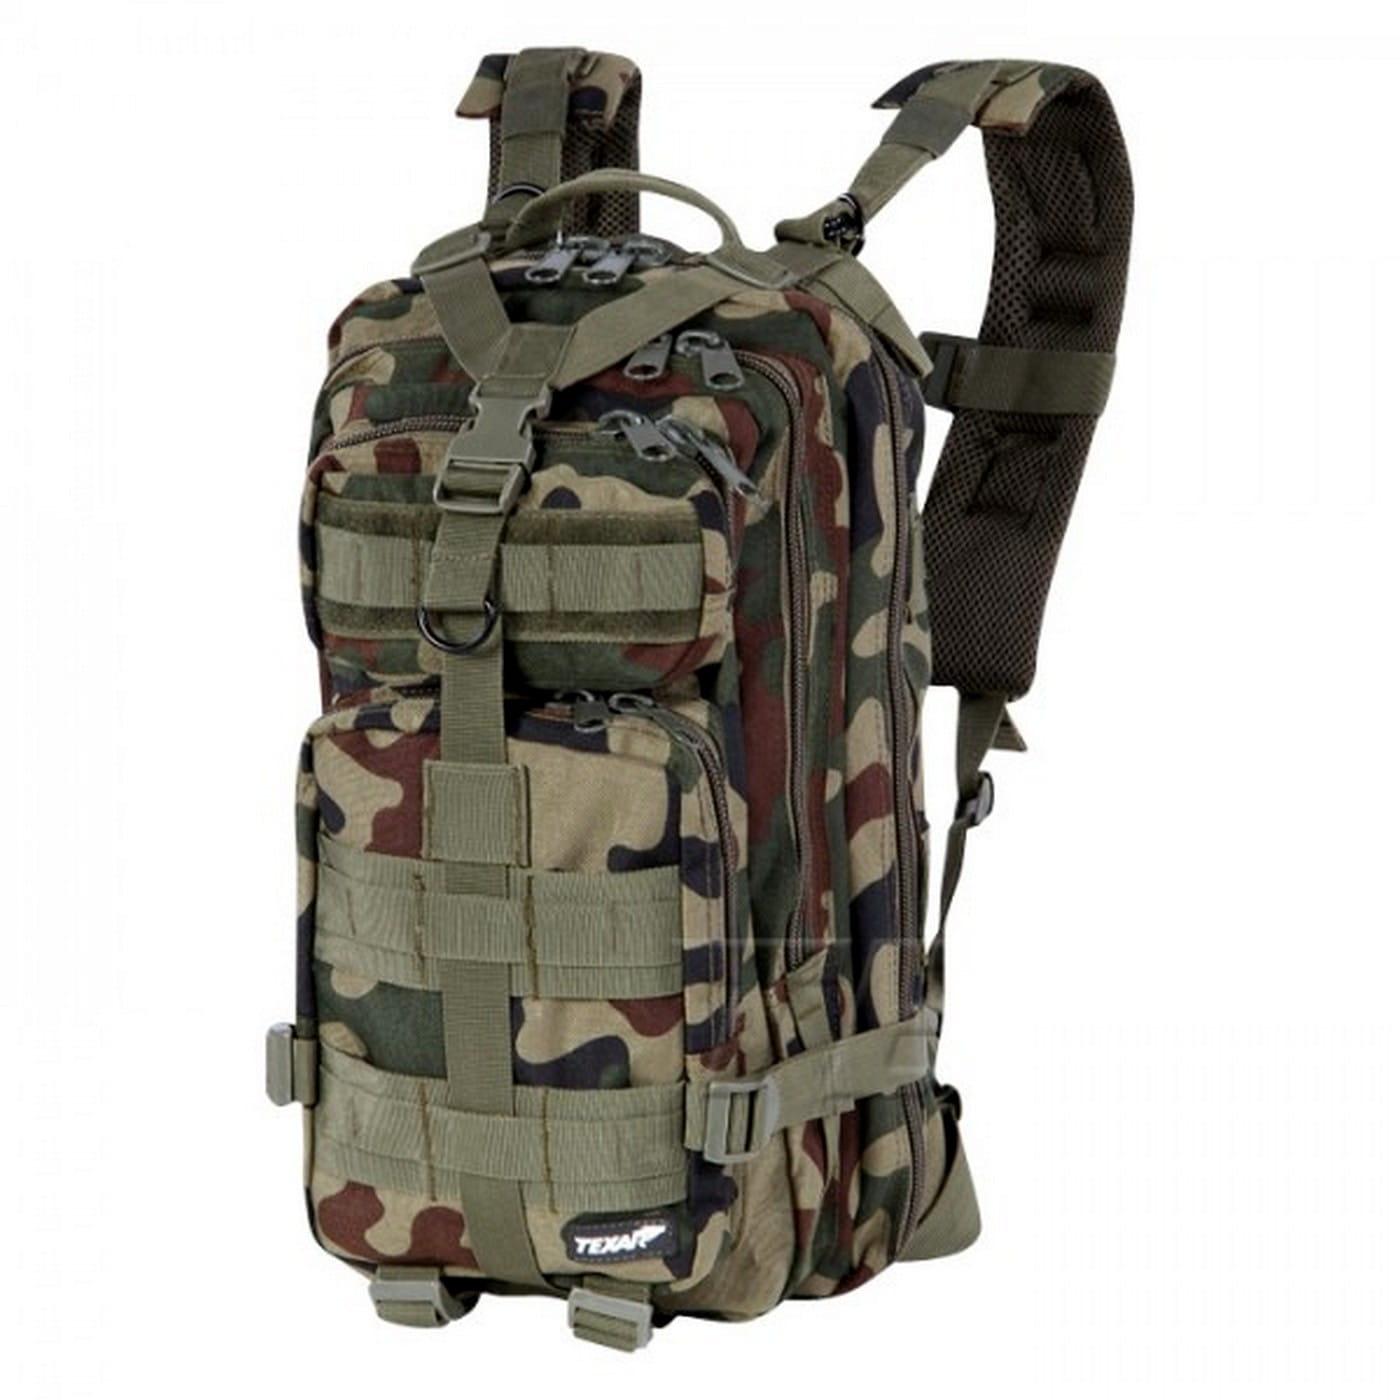 833943ddad0cd Taktyczny PLECAK wz 93 wojskowy patrolowy uniwersalny MOLLE 25l  kompensacyjny kordura TEXAR Assault Pack